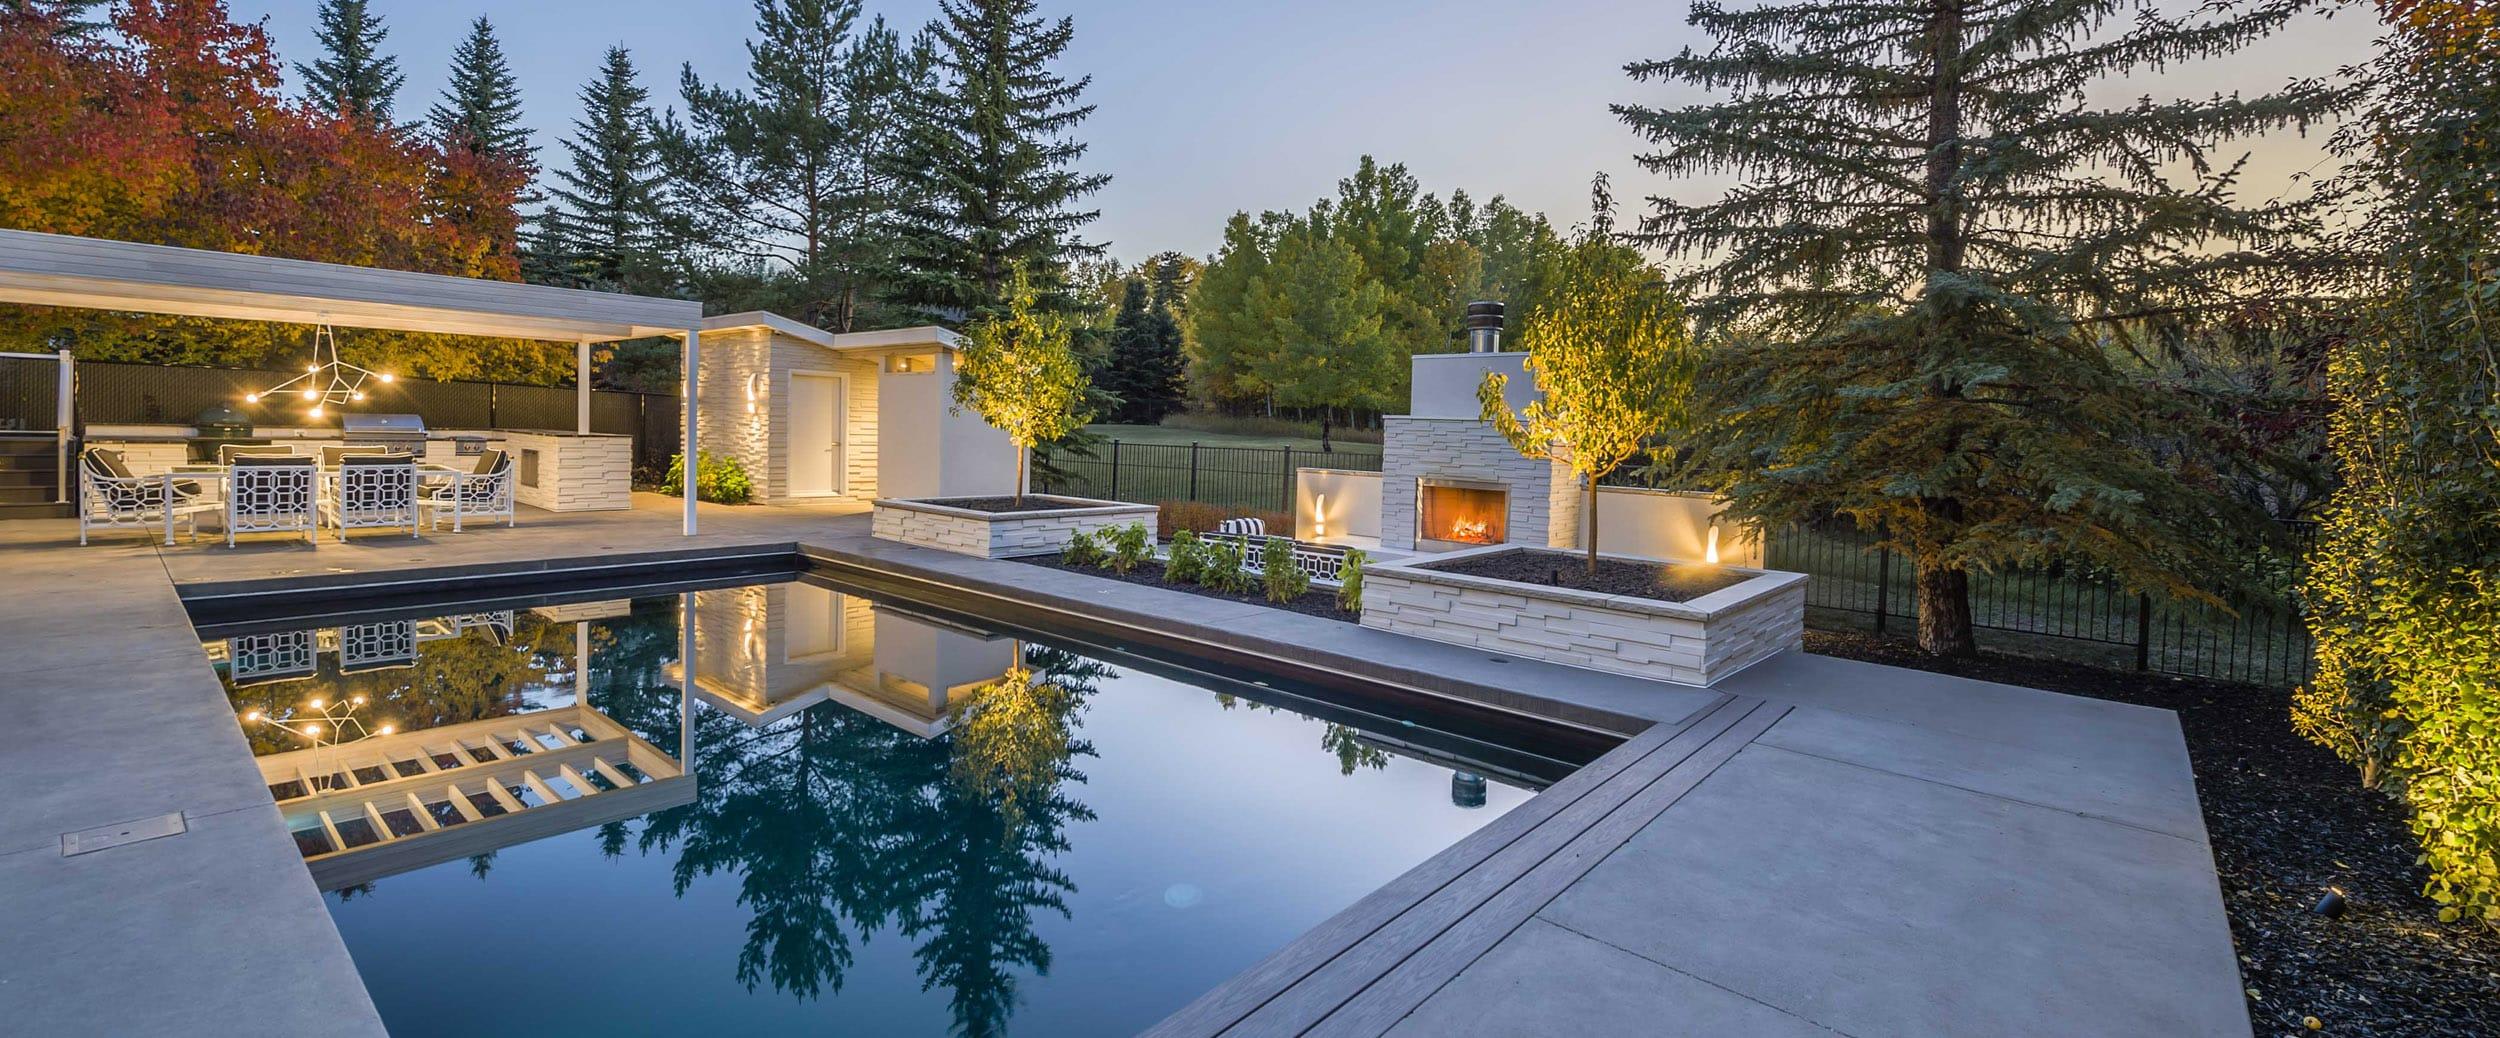 tesoro stainless pool